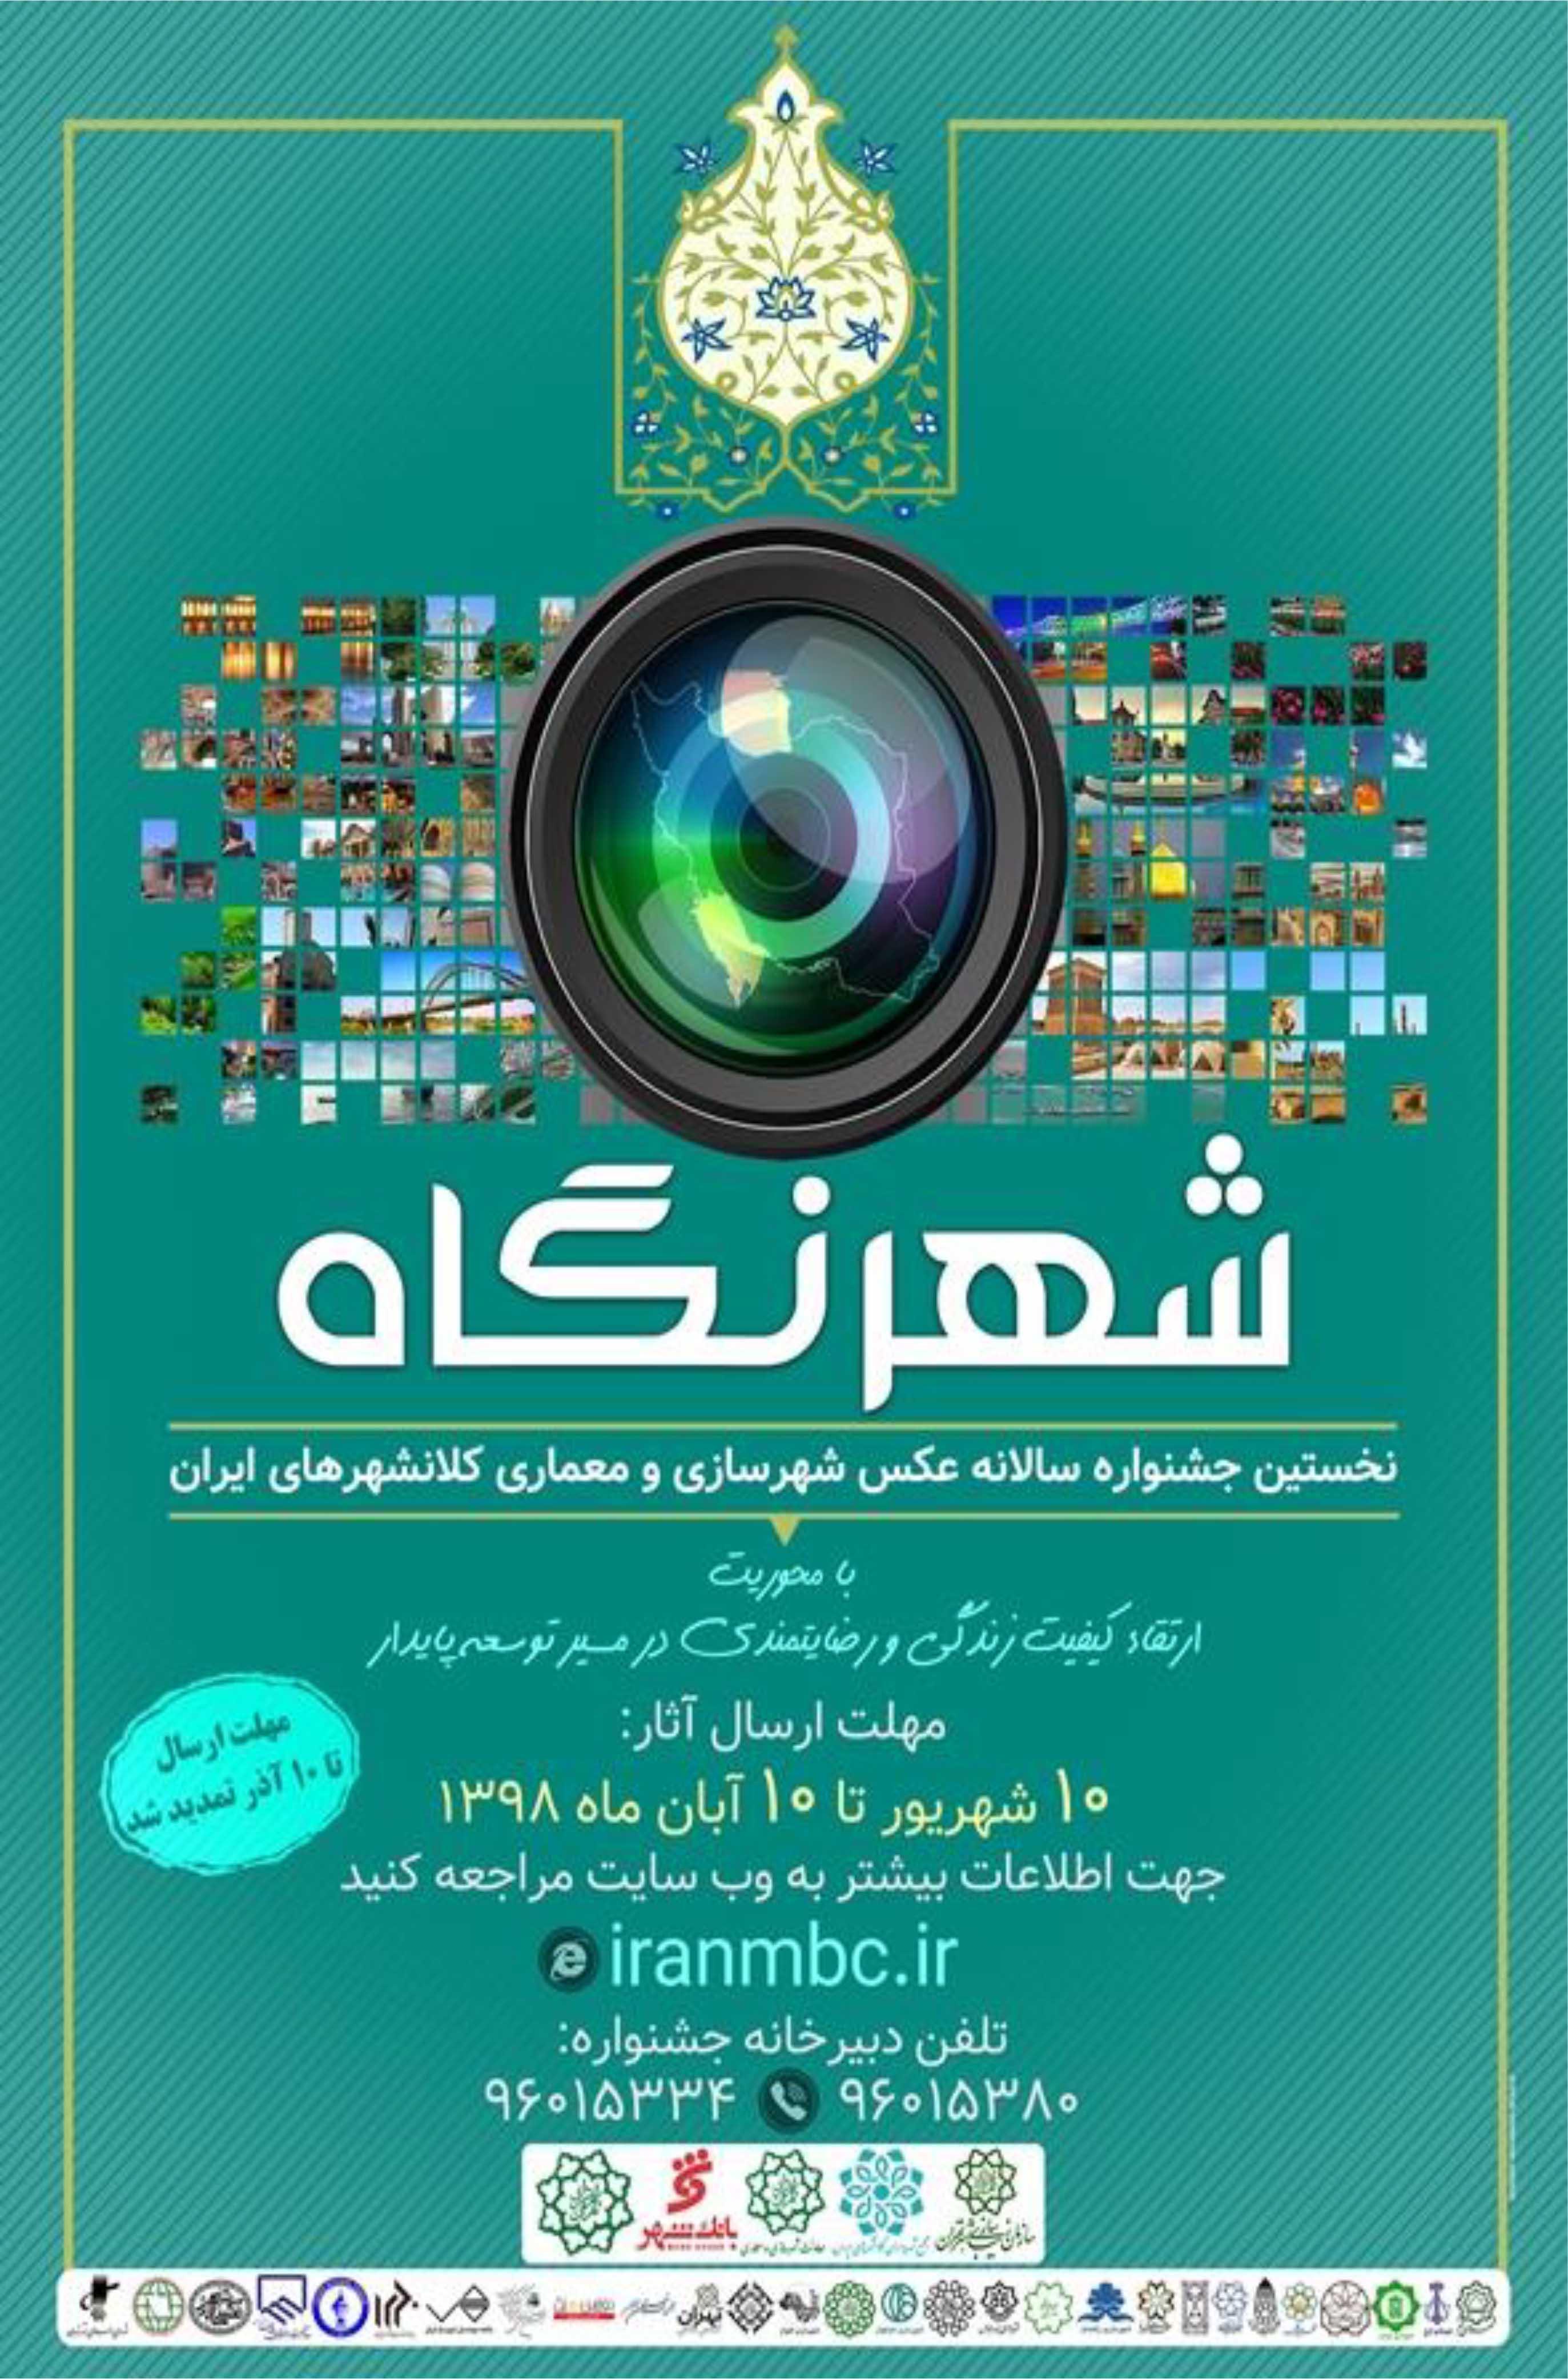 جشنواره سالانه عکس شهرسازی و معماری کلانشهرهای ایران